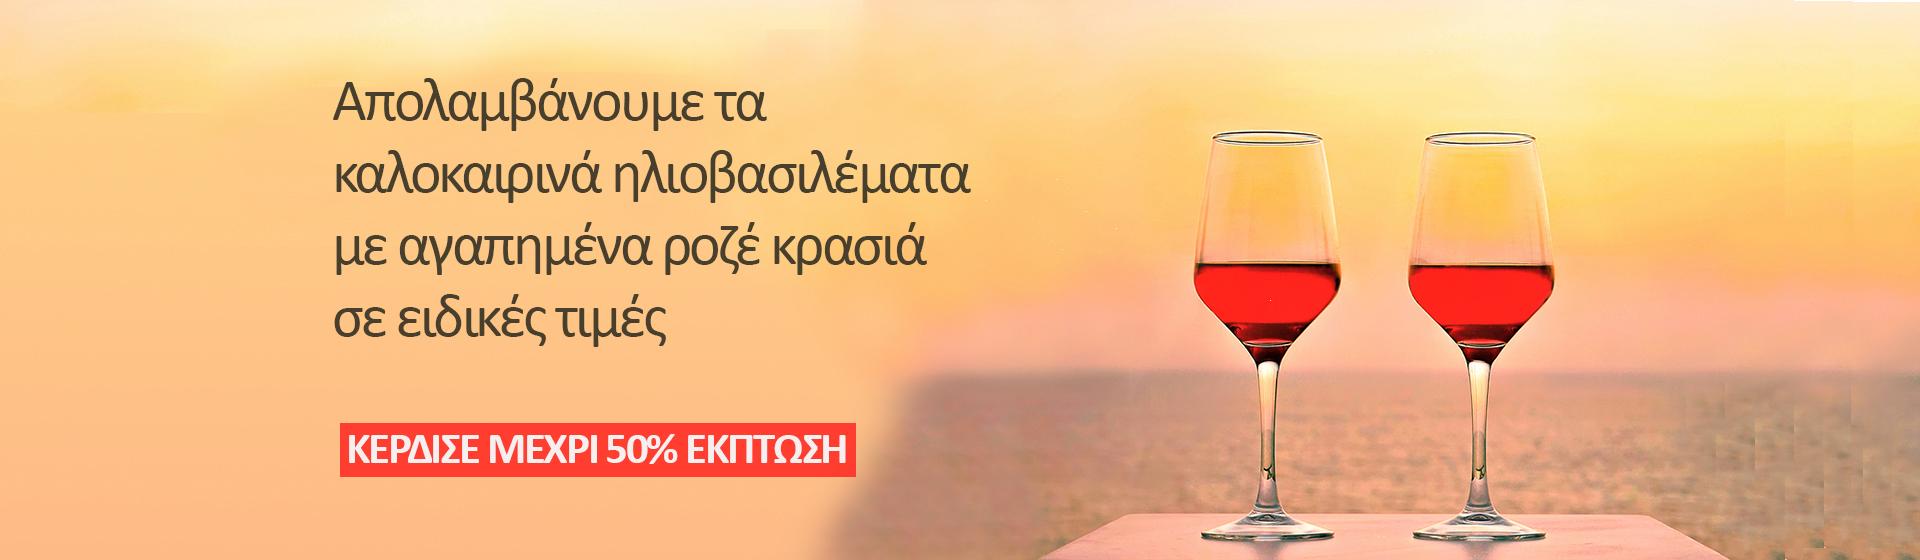 Κρασιί Ροζέ Προσφορά